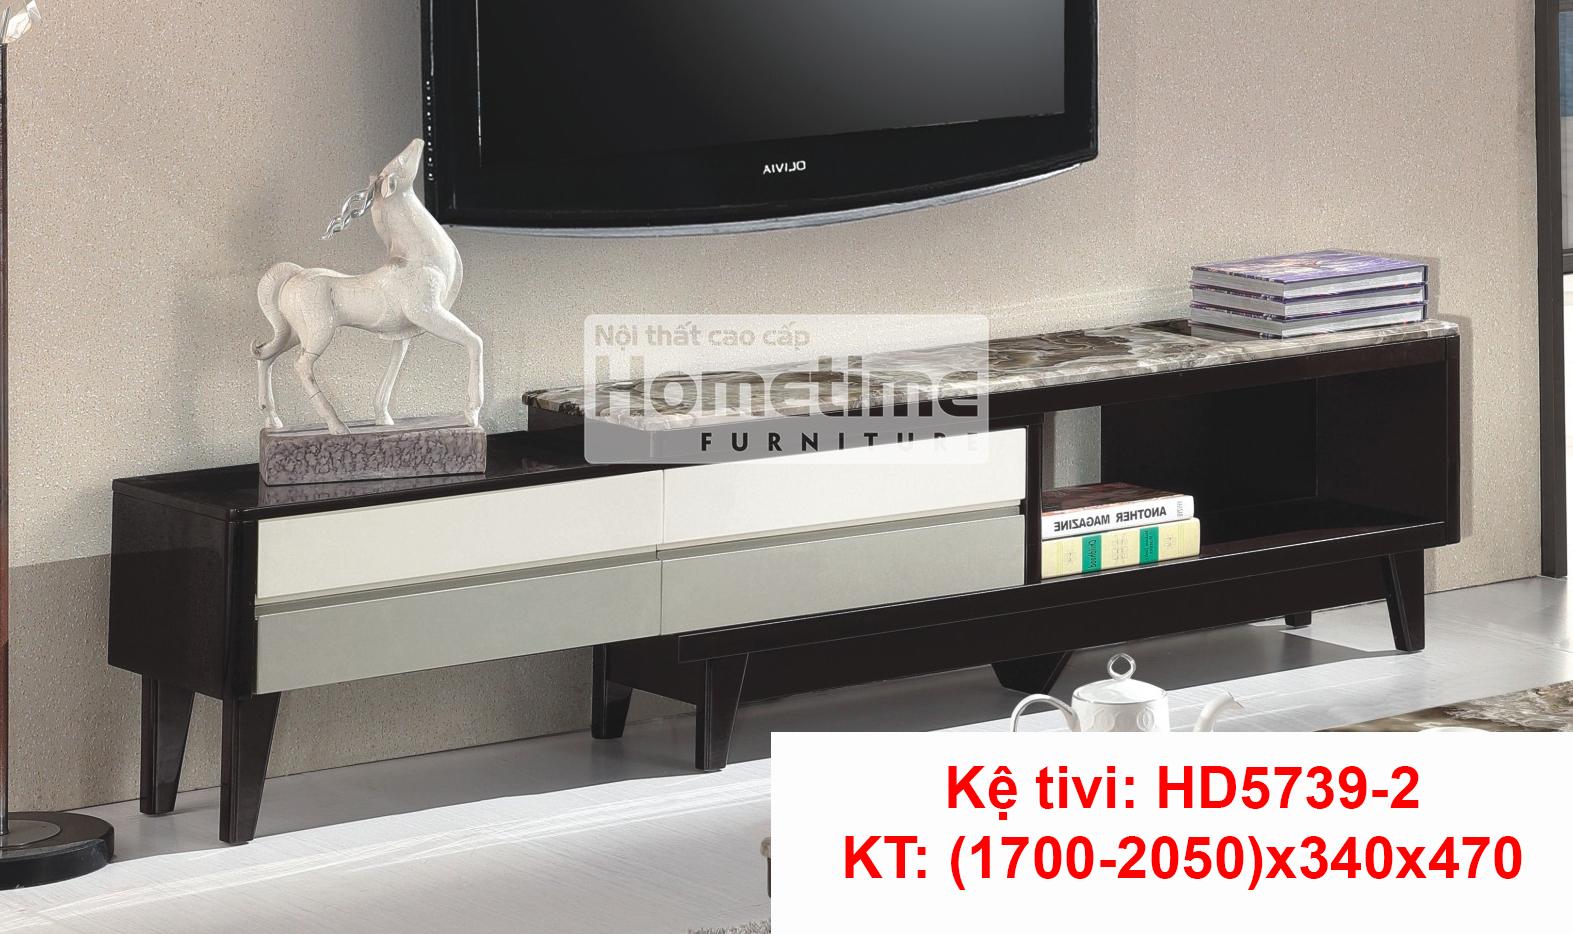 Kệ tivi đa năng HD57392 mặt đá công nghiệp 2 ngăn kéo